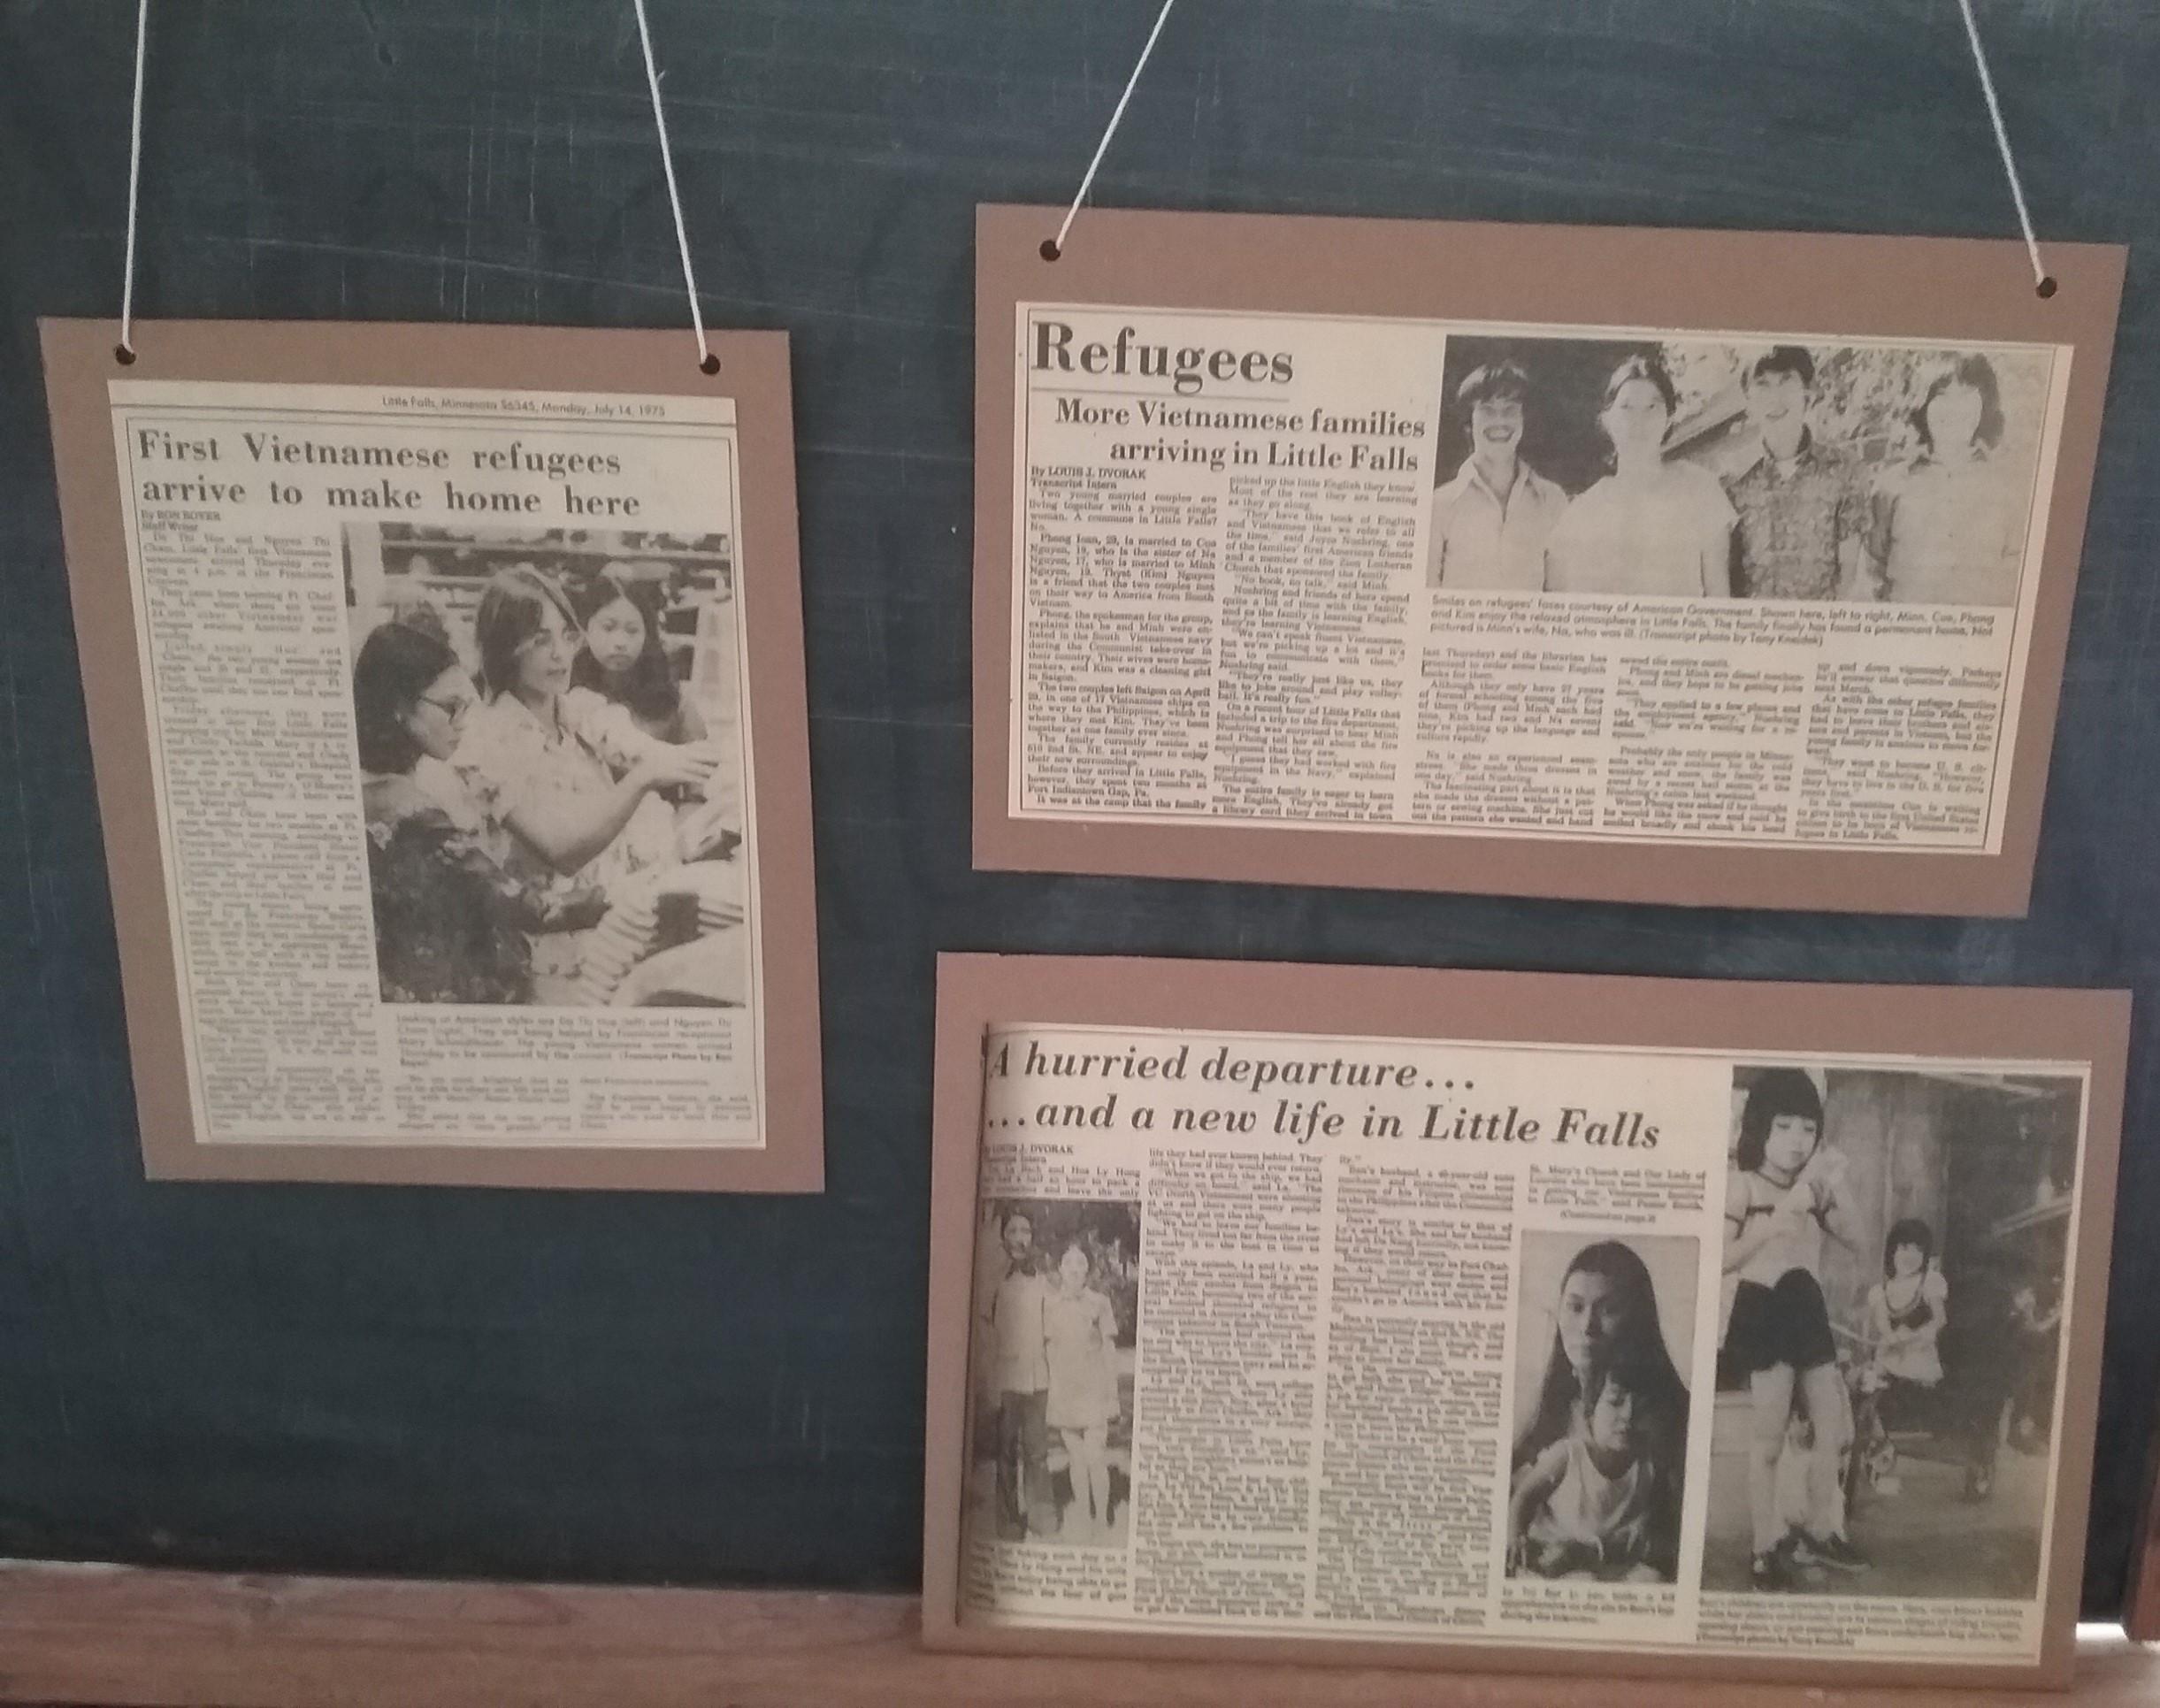 Articles regarding refugee resettlement in Little Falls, MN, after the Vietnam War, from the Little Falls Daily Transcript, 1975.